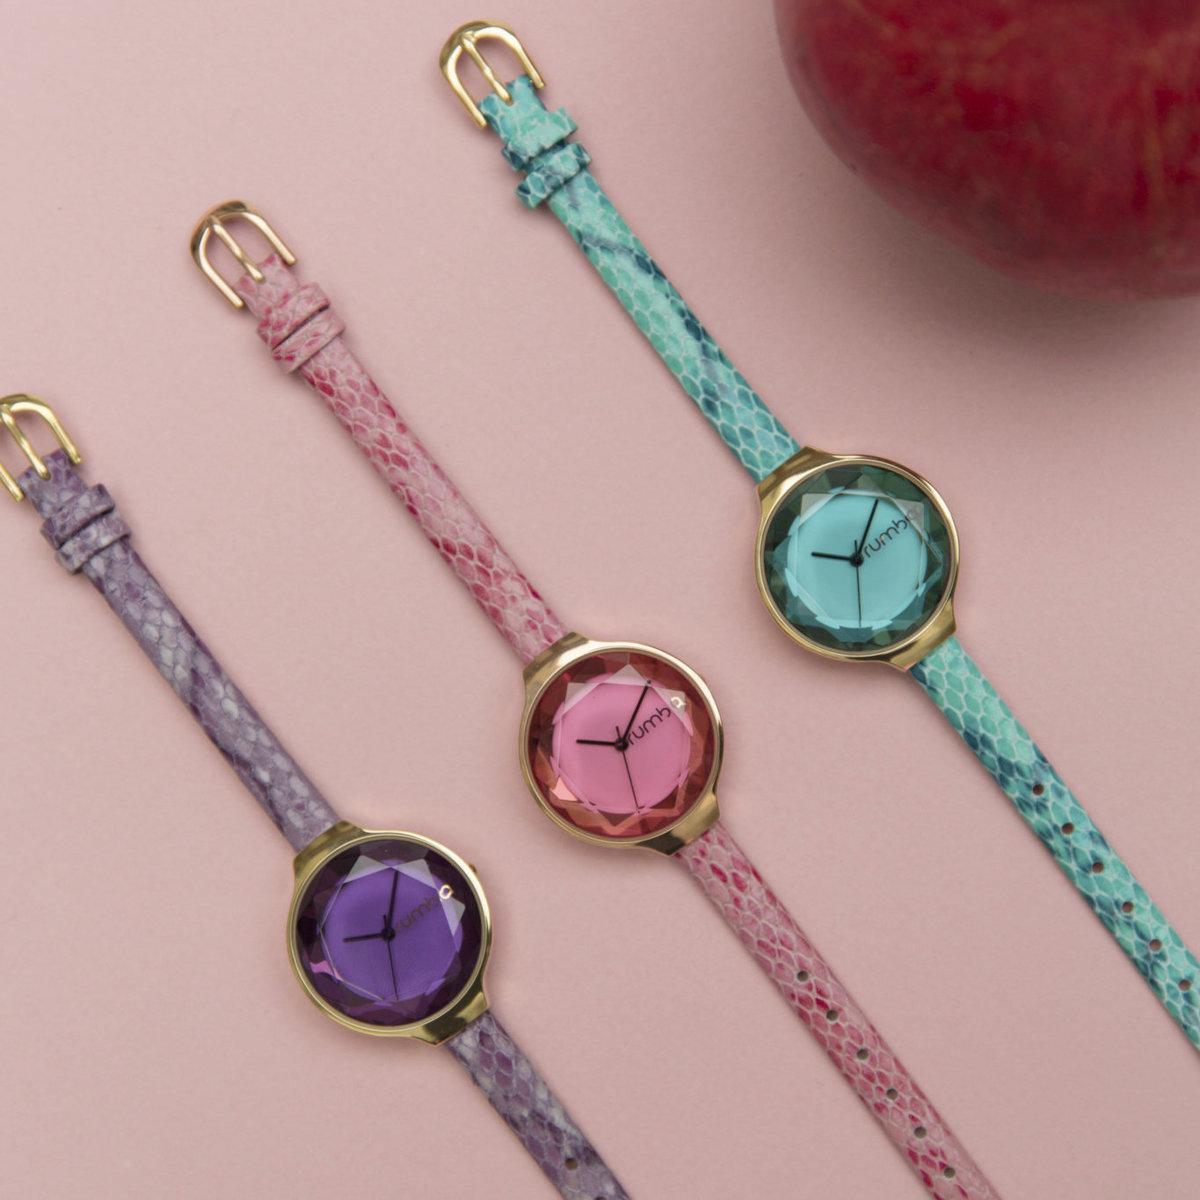 寶石切割錶面真皮手錶・Aqua(湖水綠)